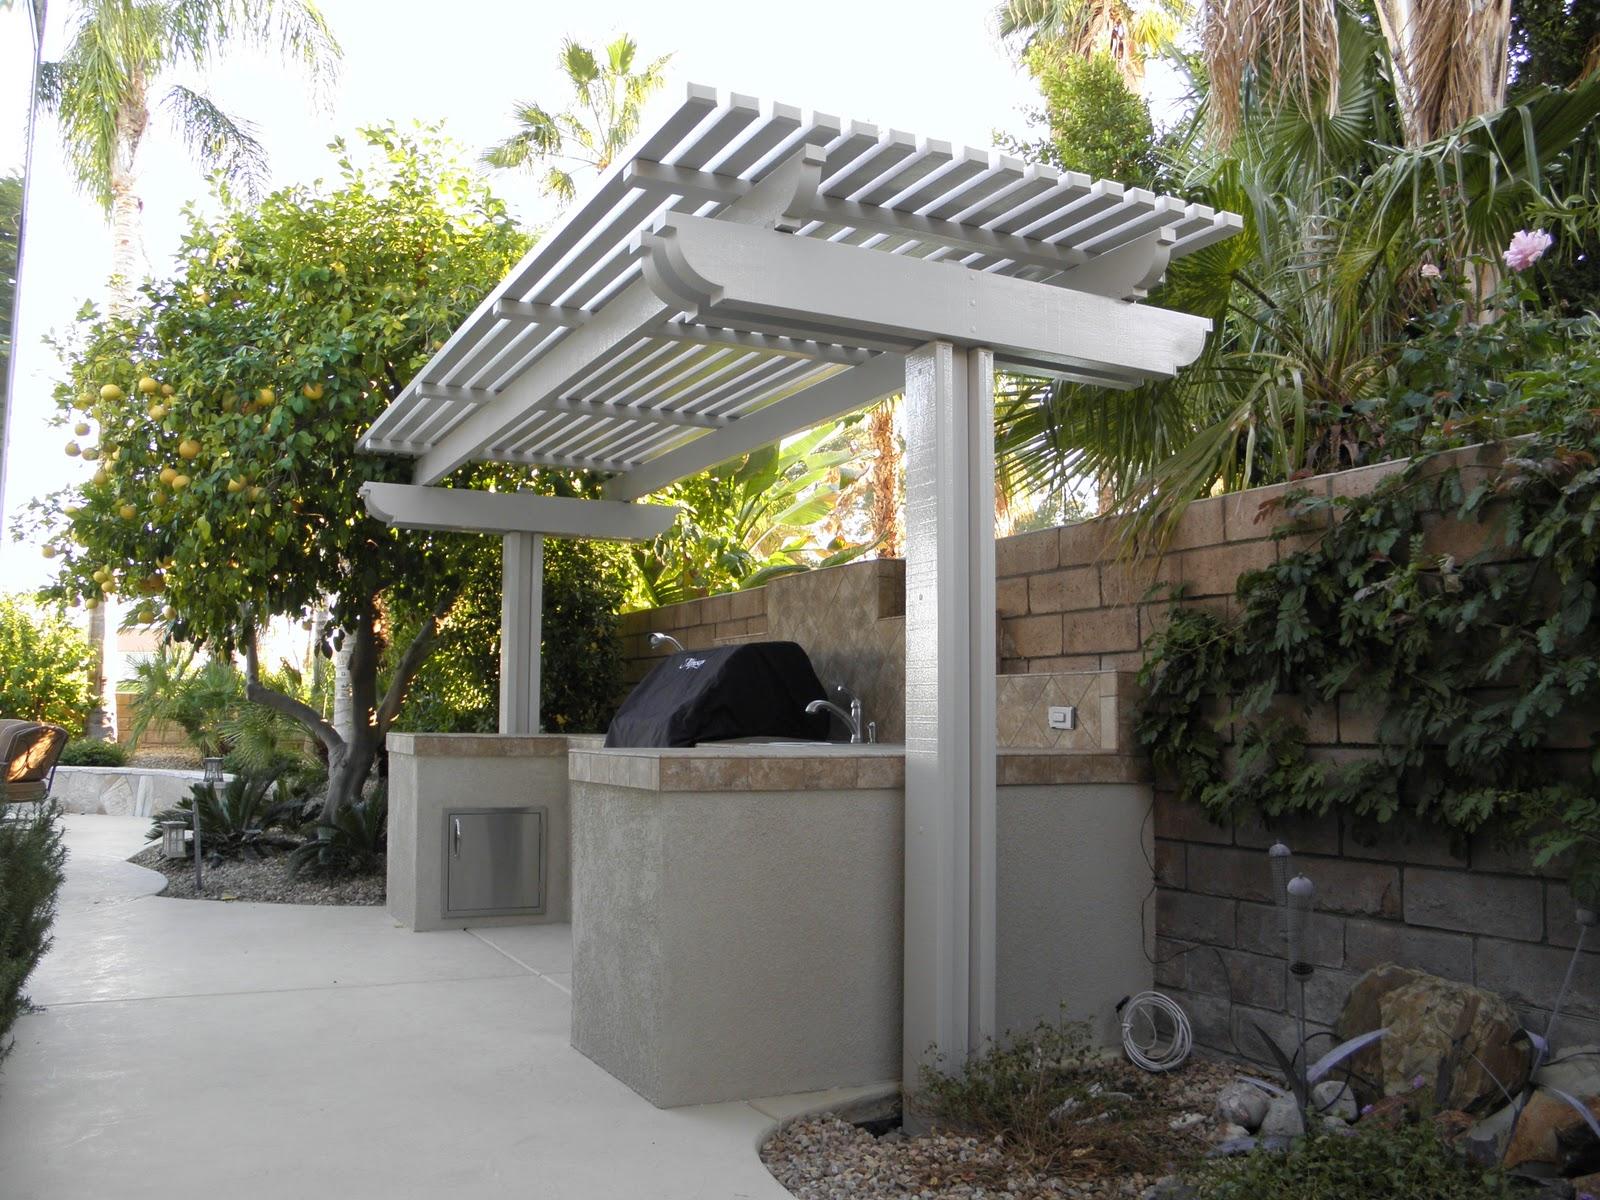 Lattice Patio Cover and BBQ in La Quinta, CA 92253